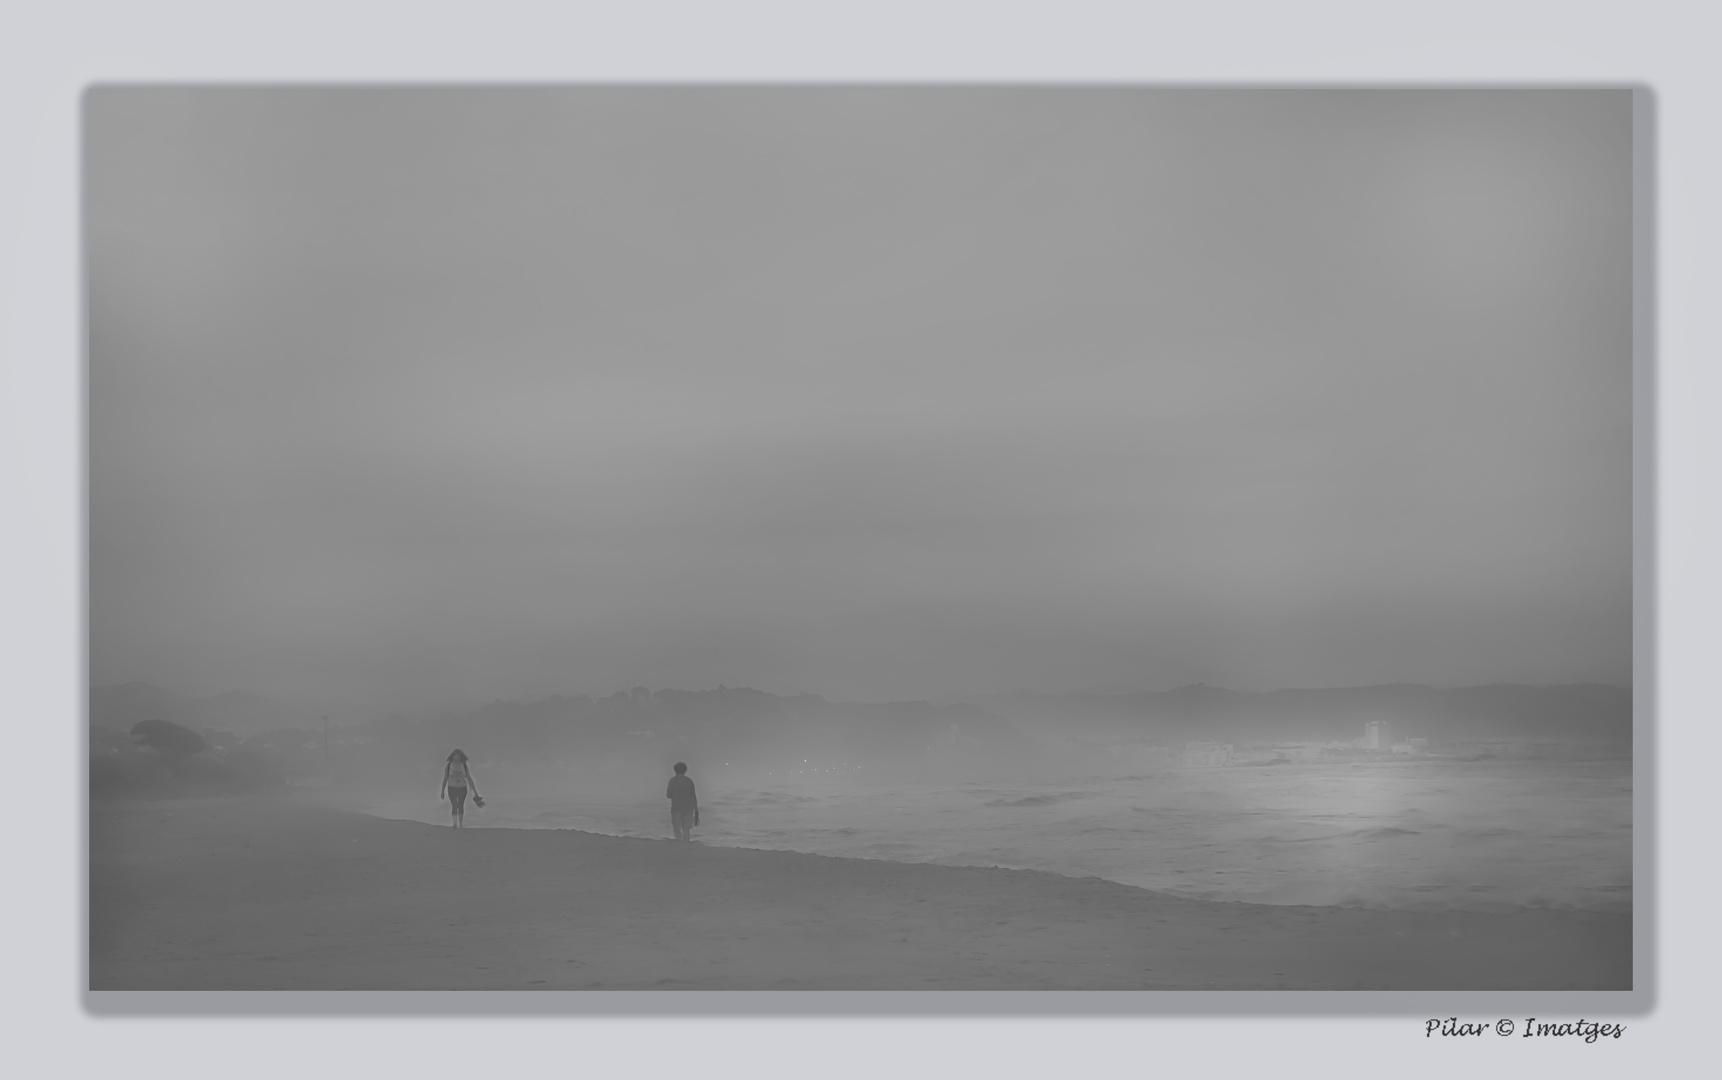 Caminando entre la niebla